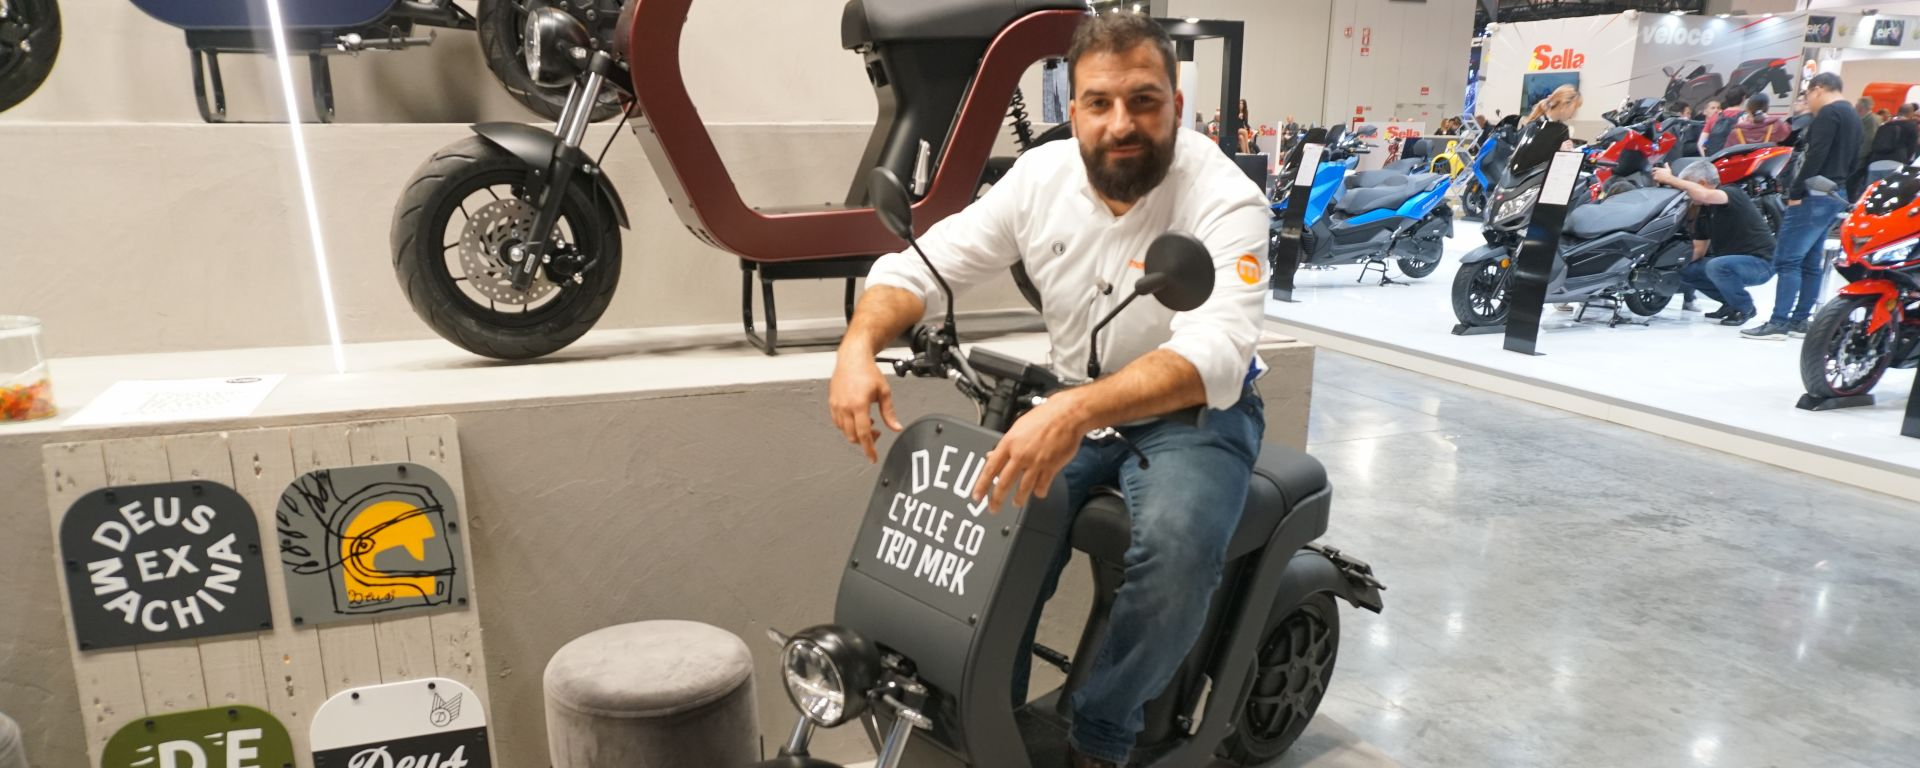 Me 2.5 e 6.0: a eicma 2019 lo scooter elettrico minimal